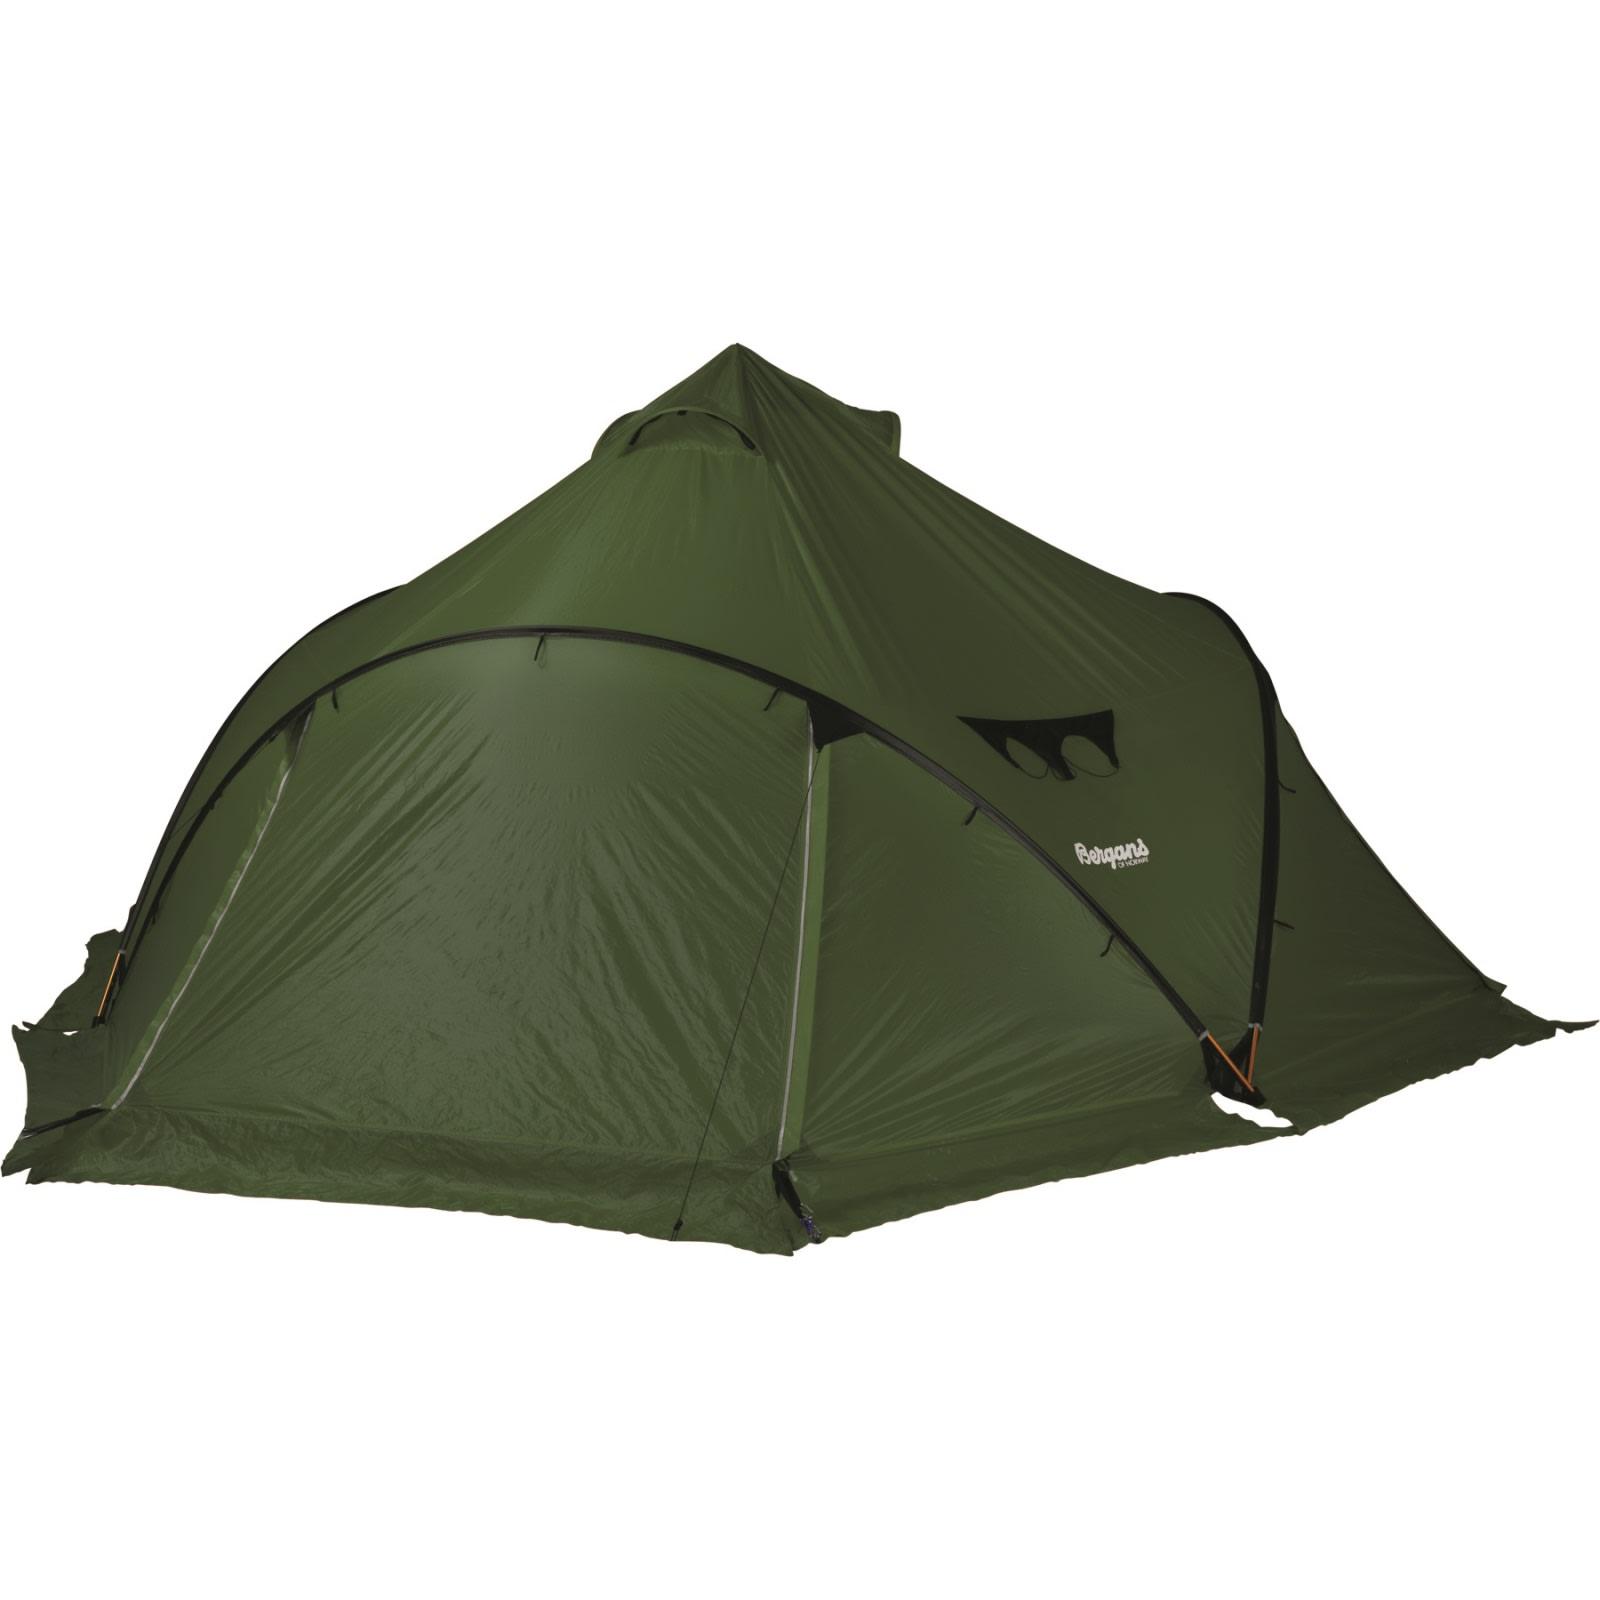 Wiglo LT 4 Pers Tent - Bergans